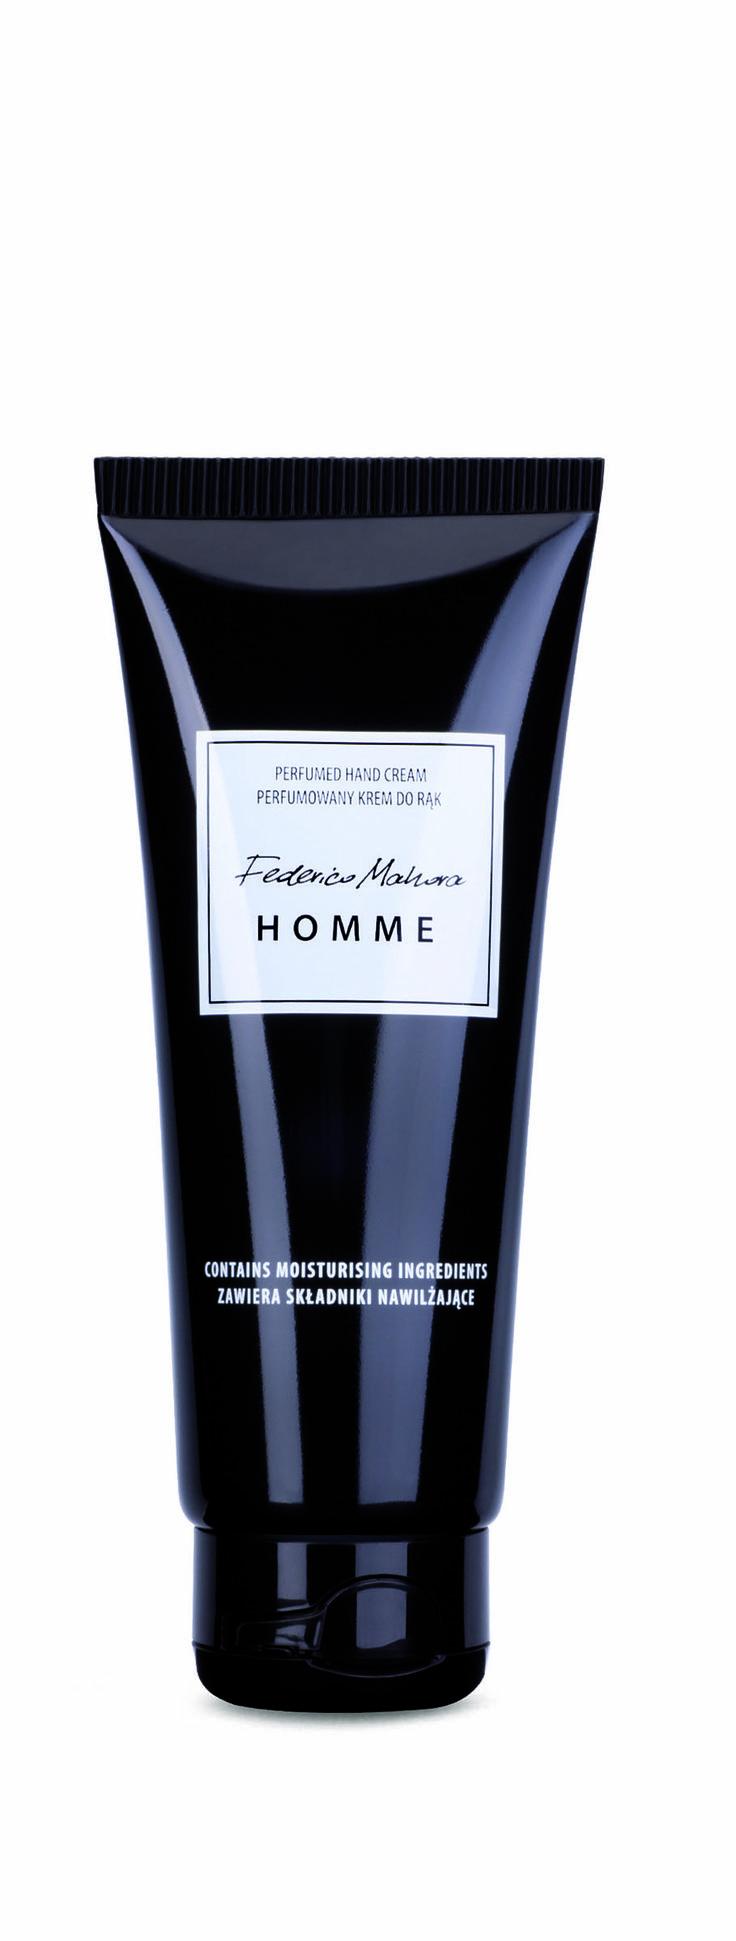 Αρωματική κρέμα χεριών της σειράς Federico Mahora με ενυδατικά συστατικά!